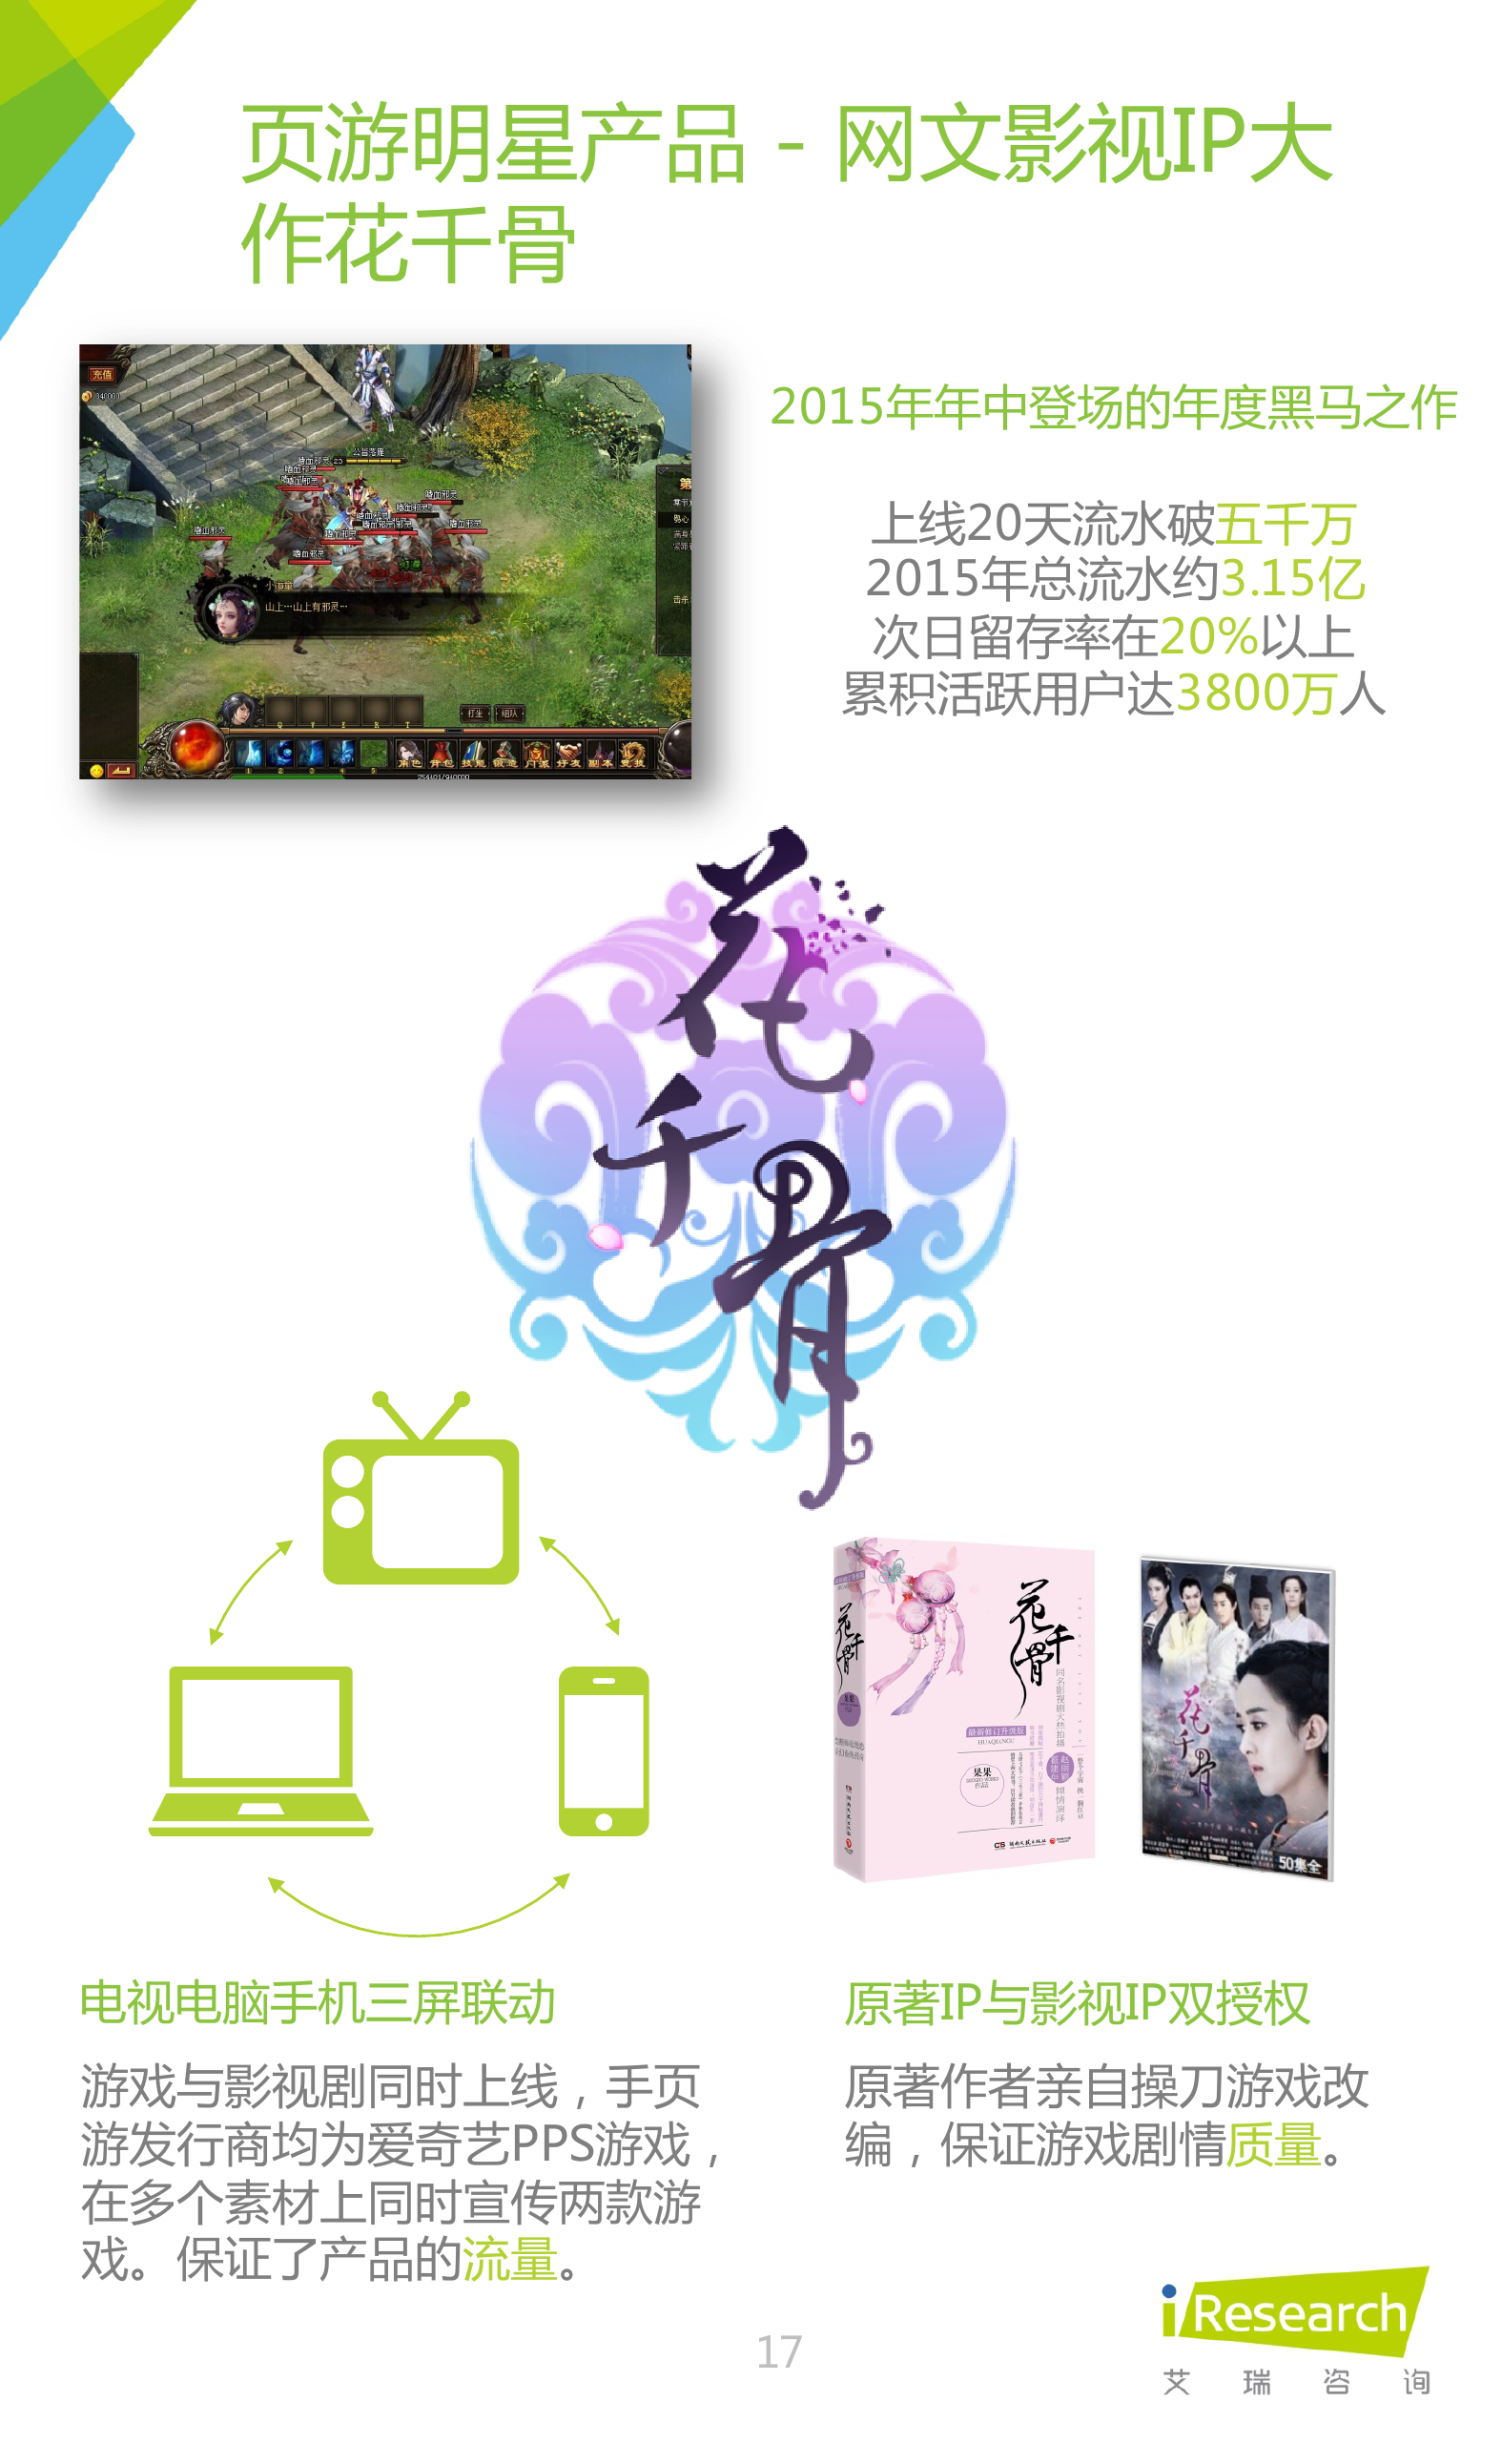 2016年中国网页游戏行业研究报告_000017